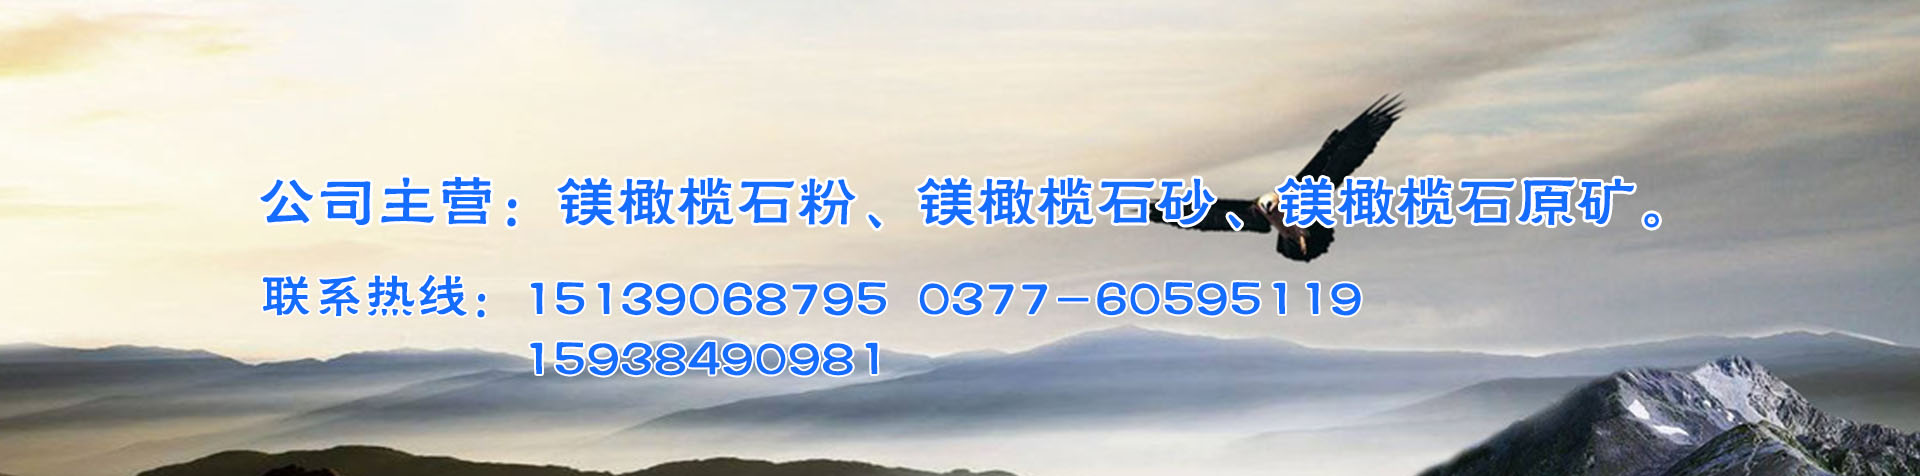 镁橄榄石价格_镁橄榄石 - 西峡县奇安橄榄石加工有限公司